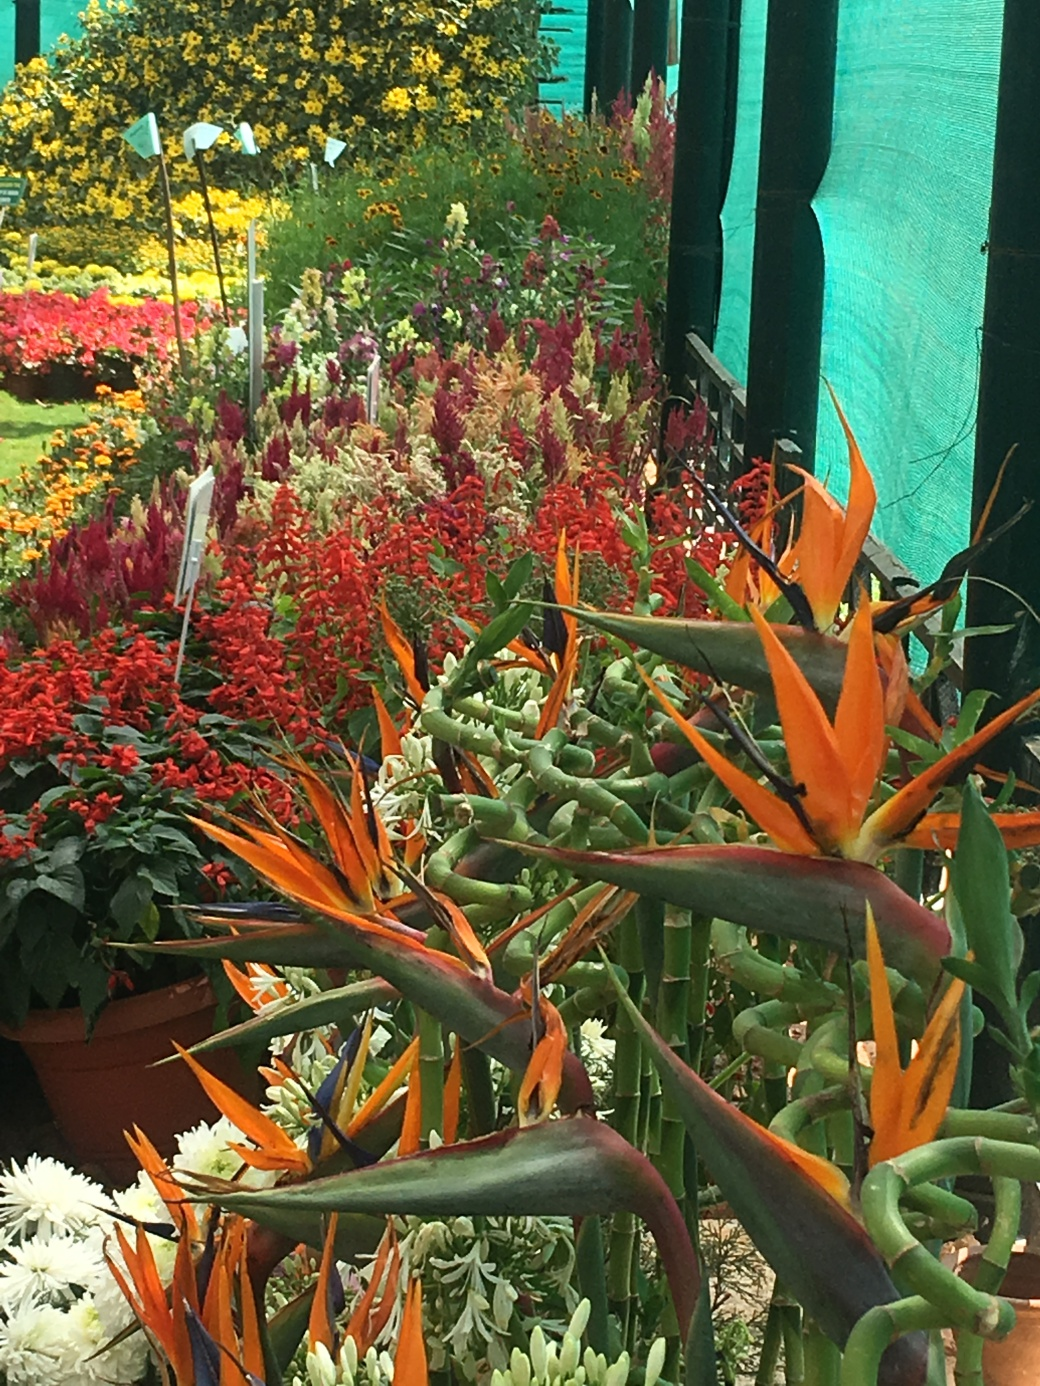 Fleurs Lalbagh Botanic Garden (2)